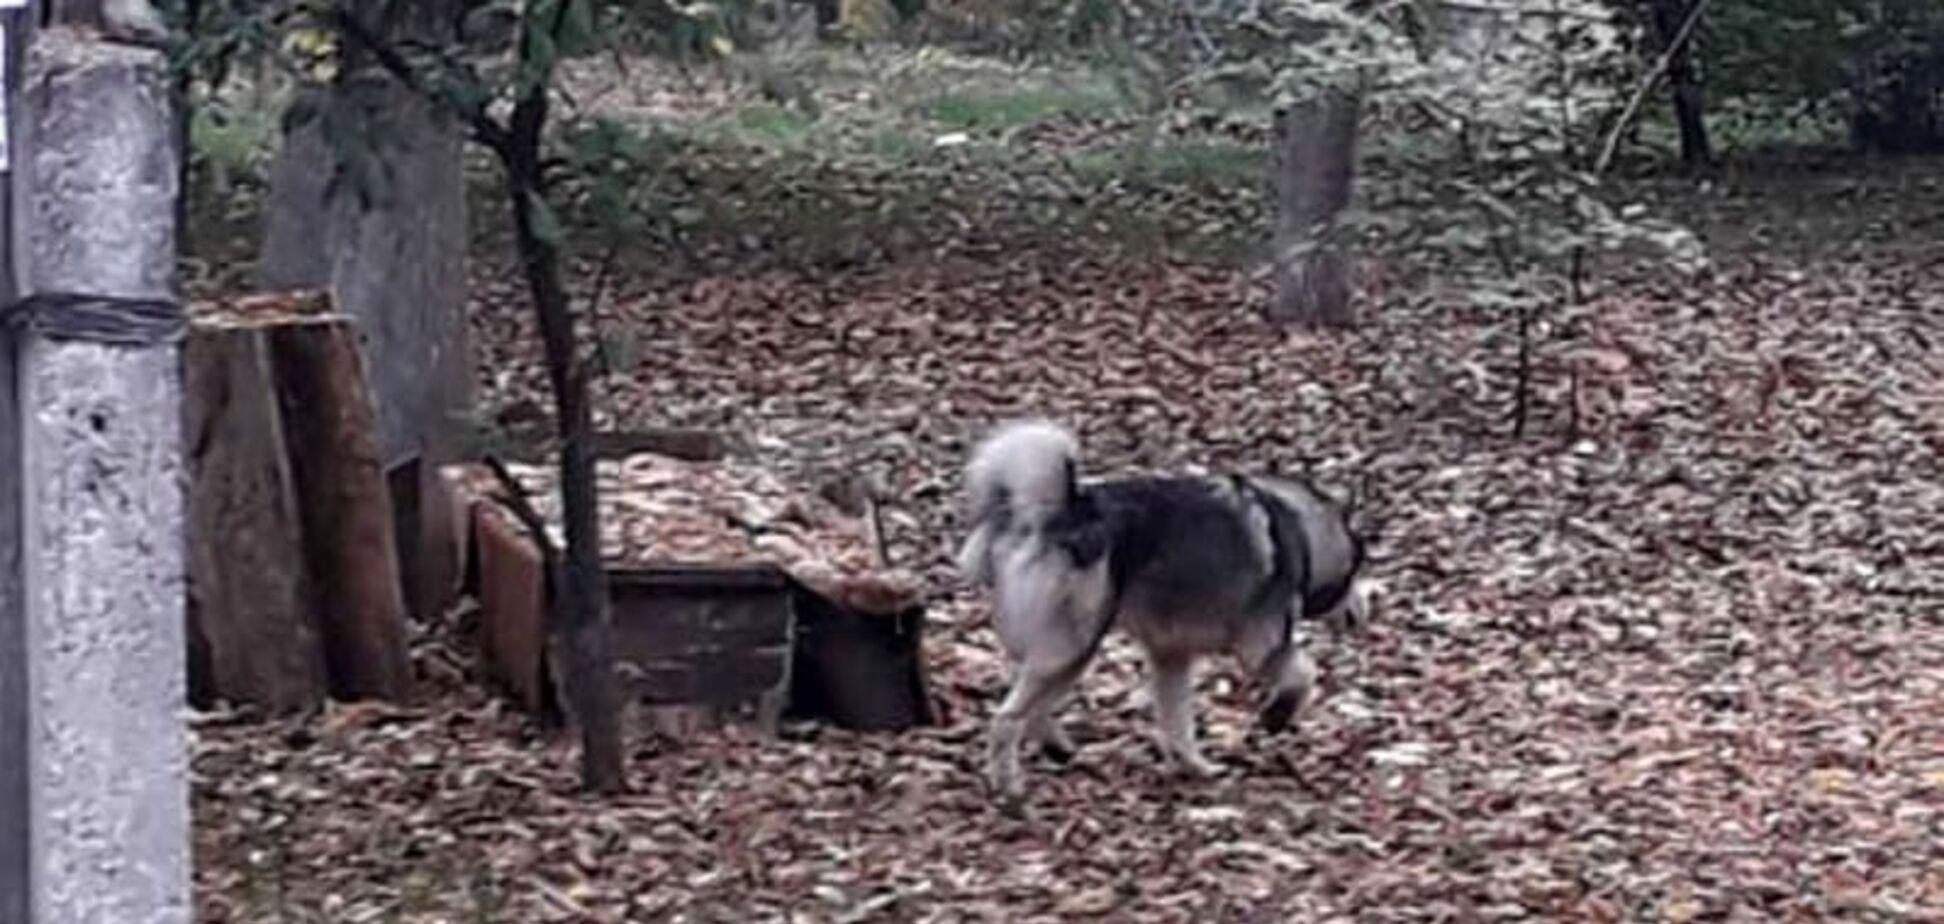 'Повалив і почав гризти': під Дніпром собака напав на дворічну дитину